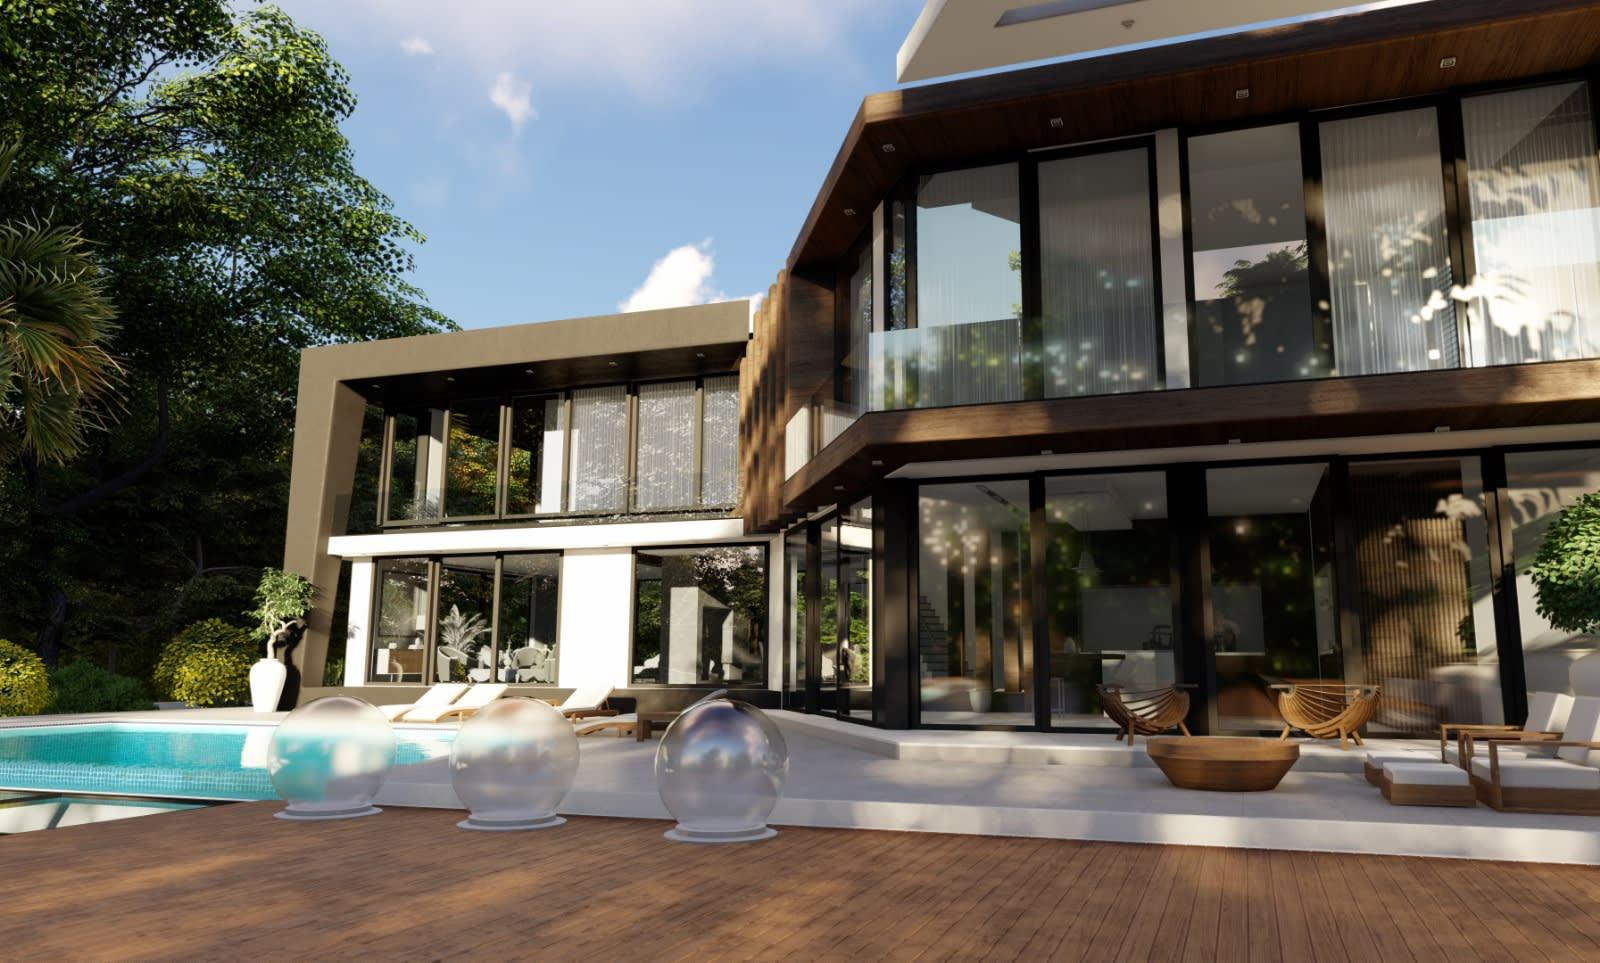 Yukarı Girne'de 7+1 Satılık Dağ, Deniz ve Orman Manzaralı Lüks Villa 5095